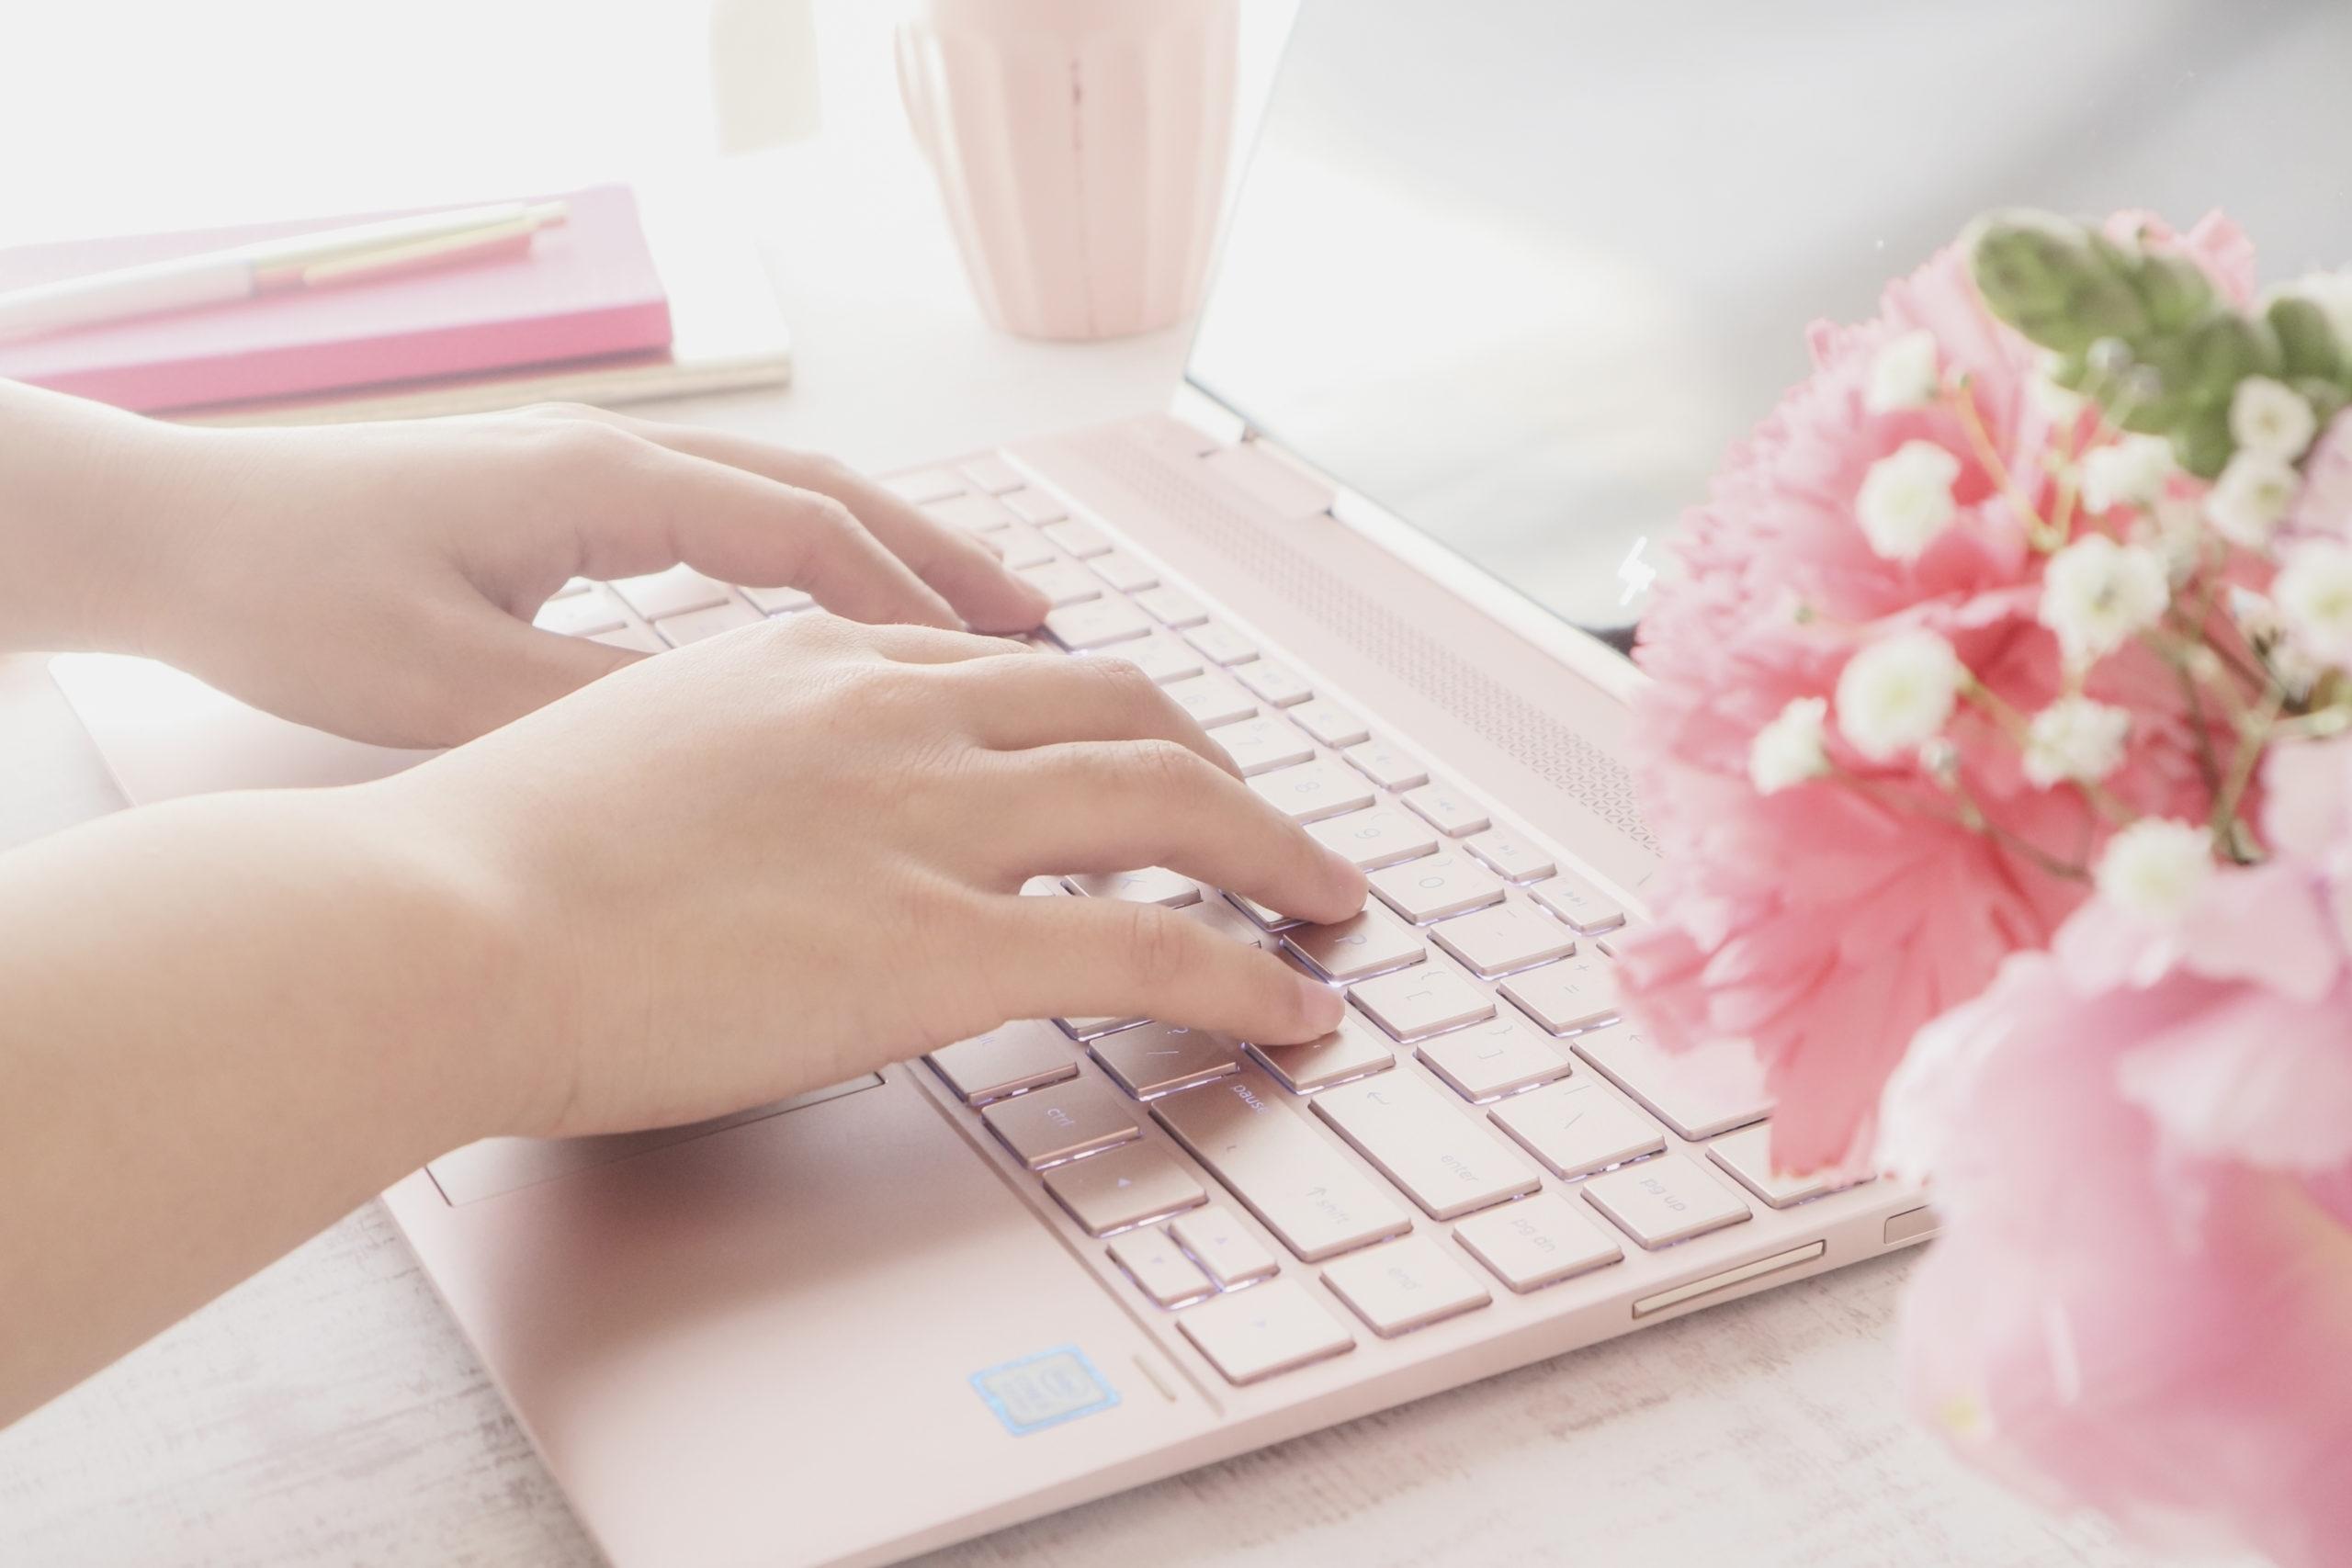 パソコンをつ女性